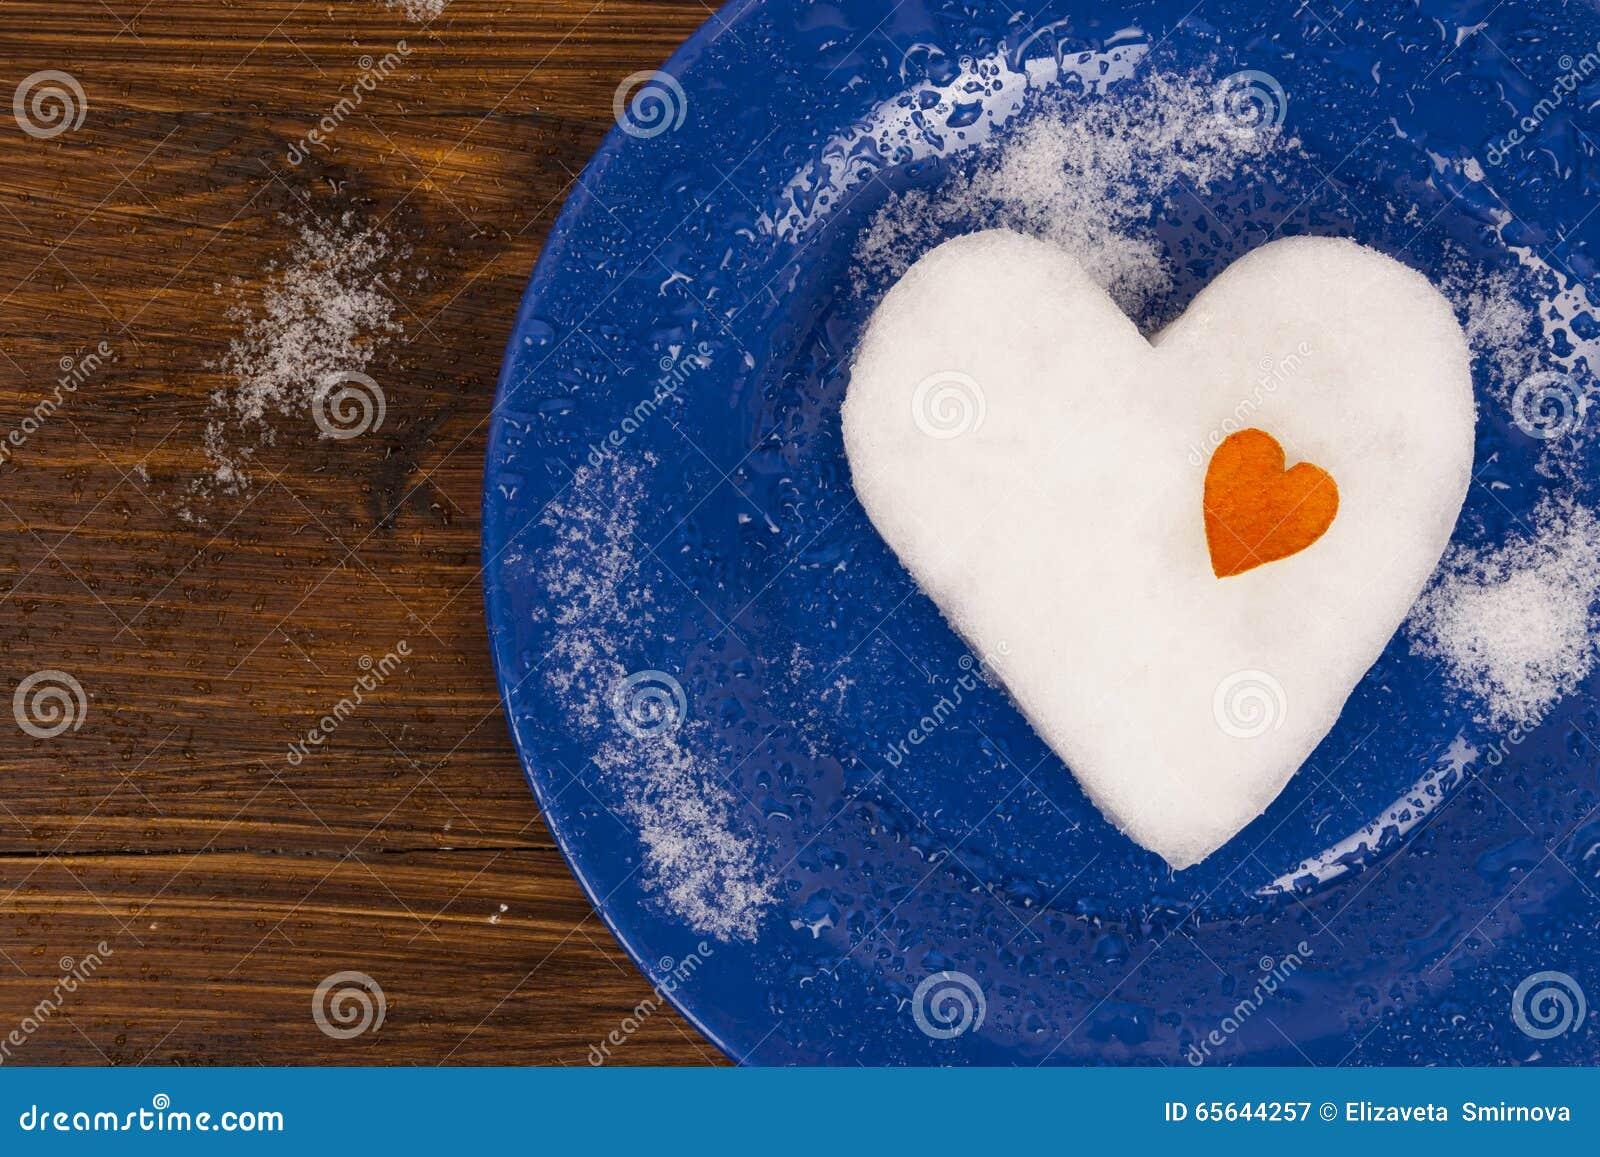 Le grand coeur de neige décoré du petit coeur orange se trouvant du plat bleu